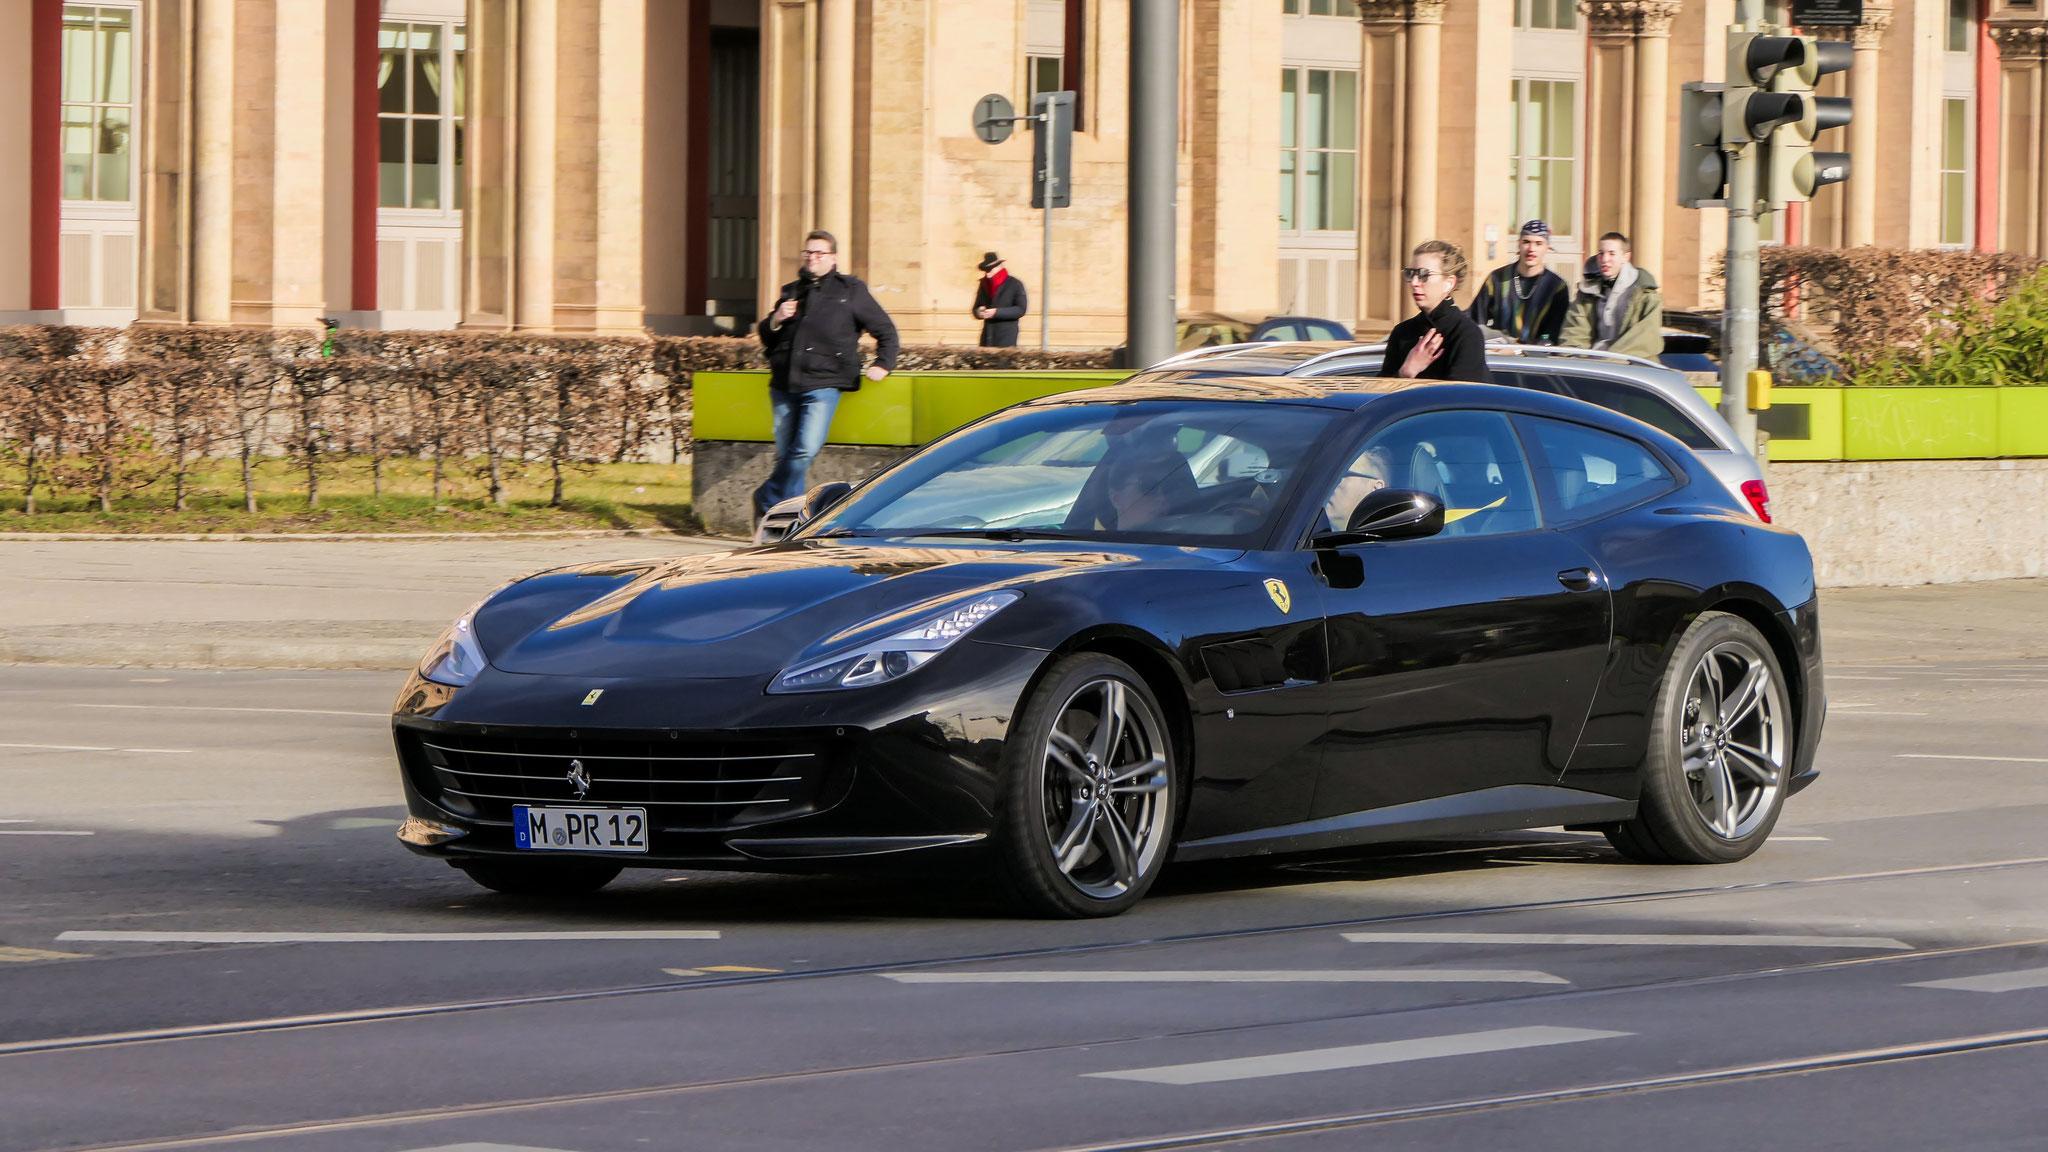 Ferrari GTC4 Lusso - M-PR-12